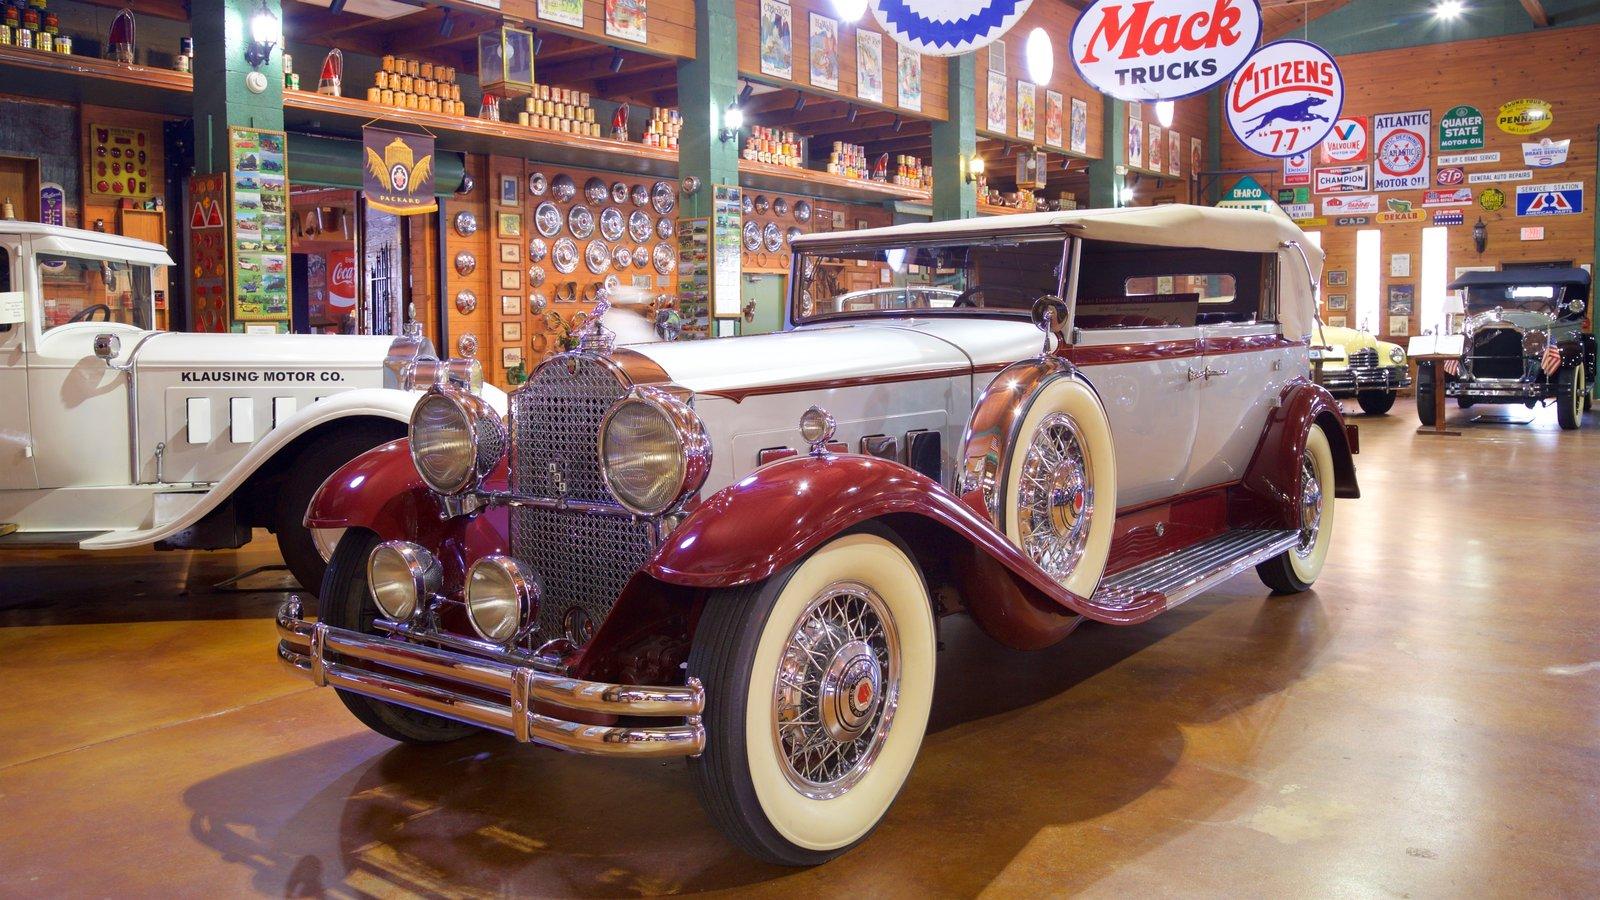 Fort Lauderdale Antique Car Museum caracterizando elementos de patrimônio e vistas internas